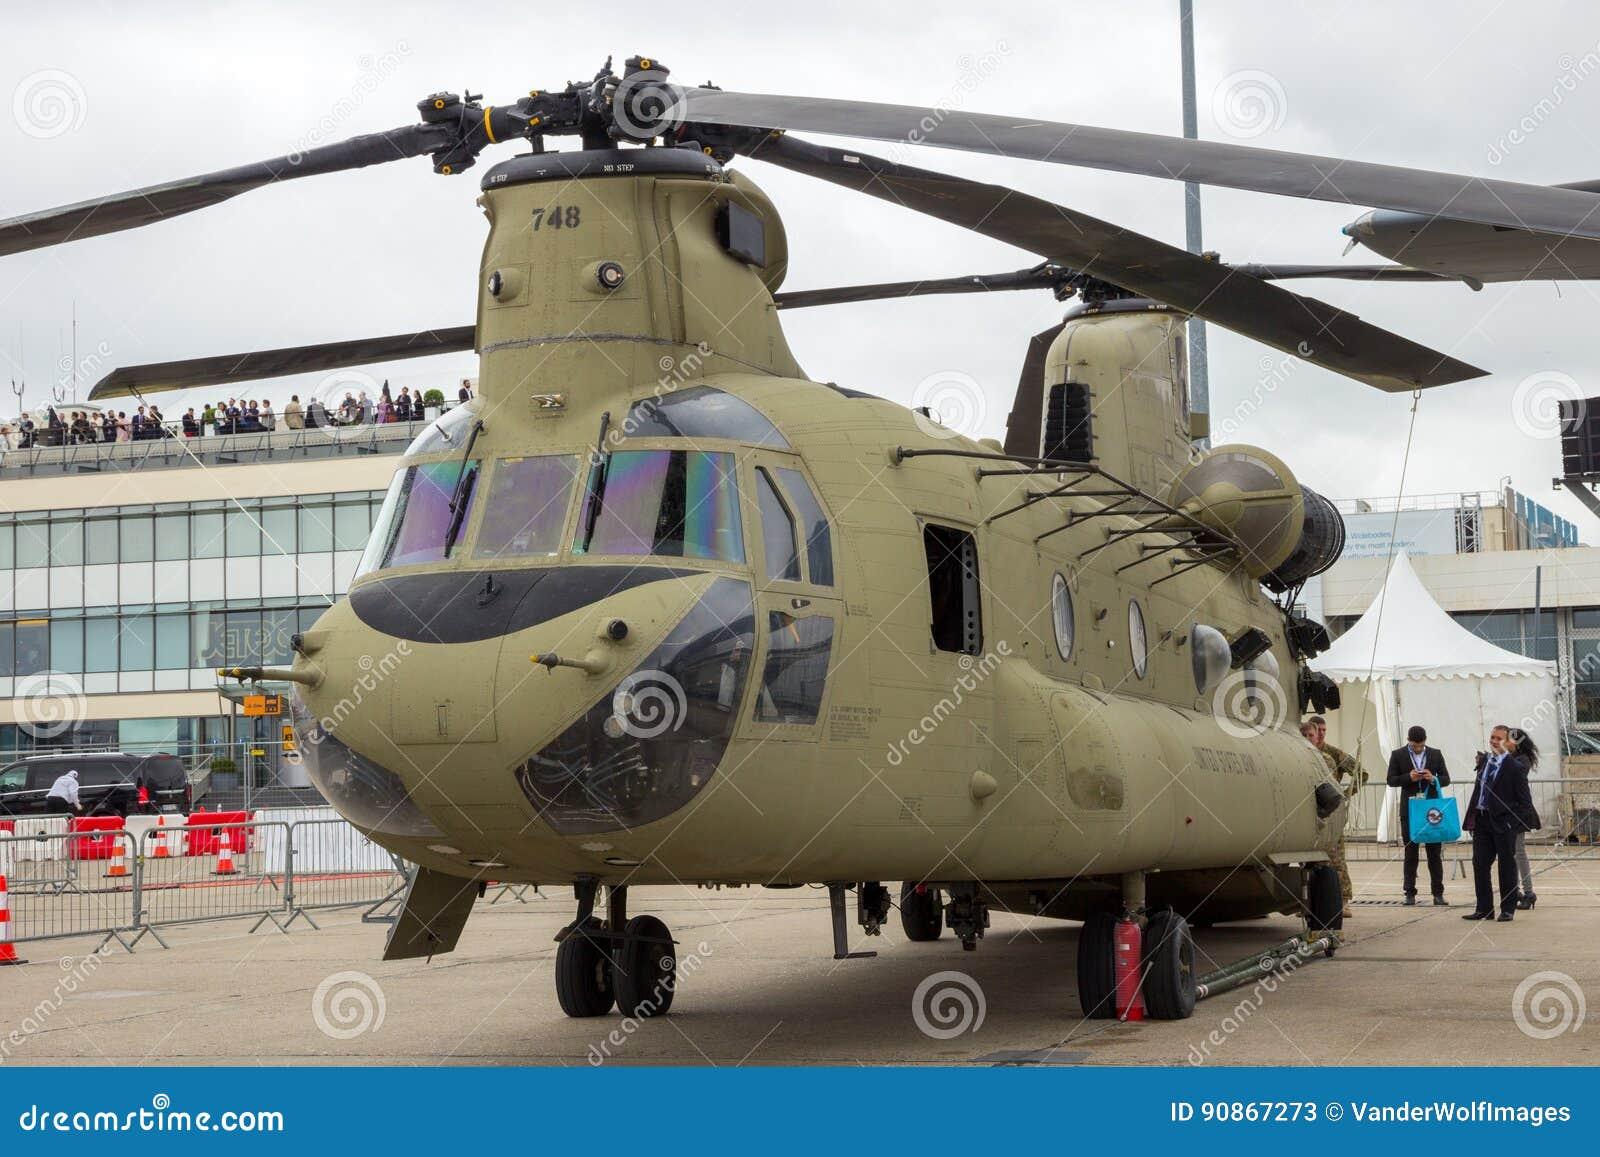 Elicottero Ch : Elicottero di boeing ch chinook dell esercito americano